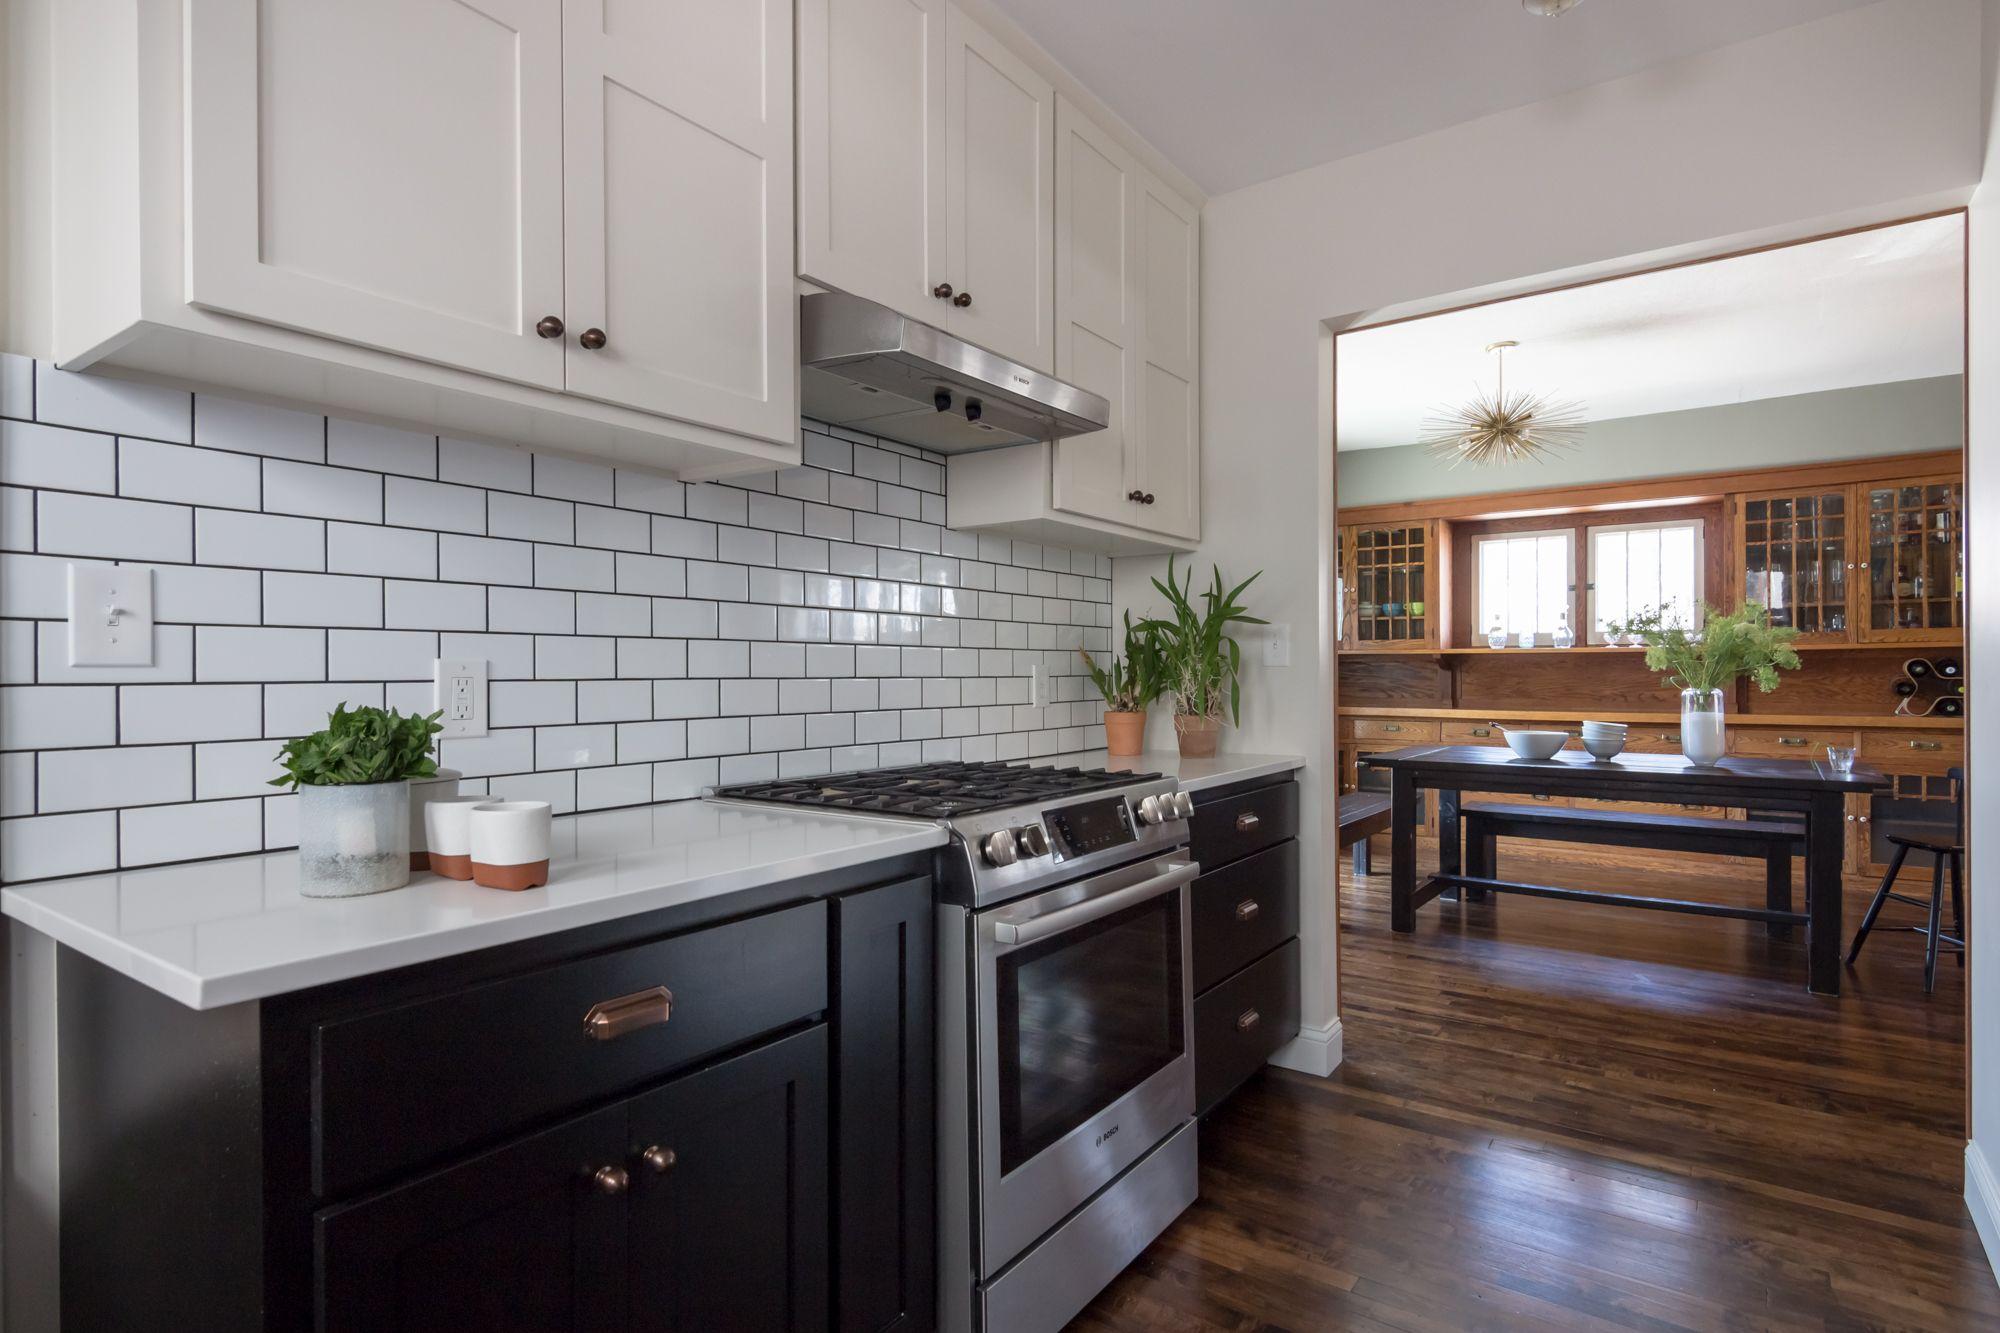 Black White Craftsman Bungalow Kitchen By J Jorgensen Design Studio Www J Jorgensen Com Bungalow Kitchen Kitchen Remodel Kitchen